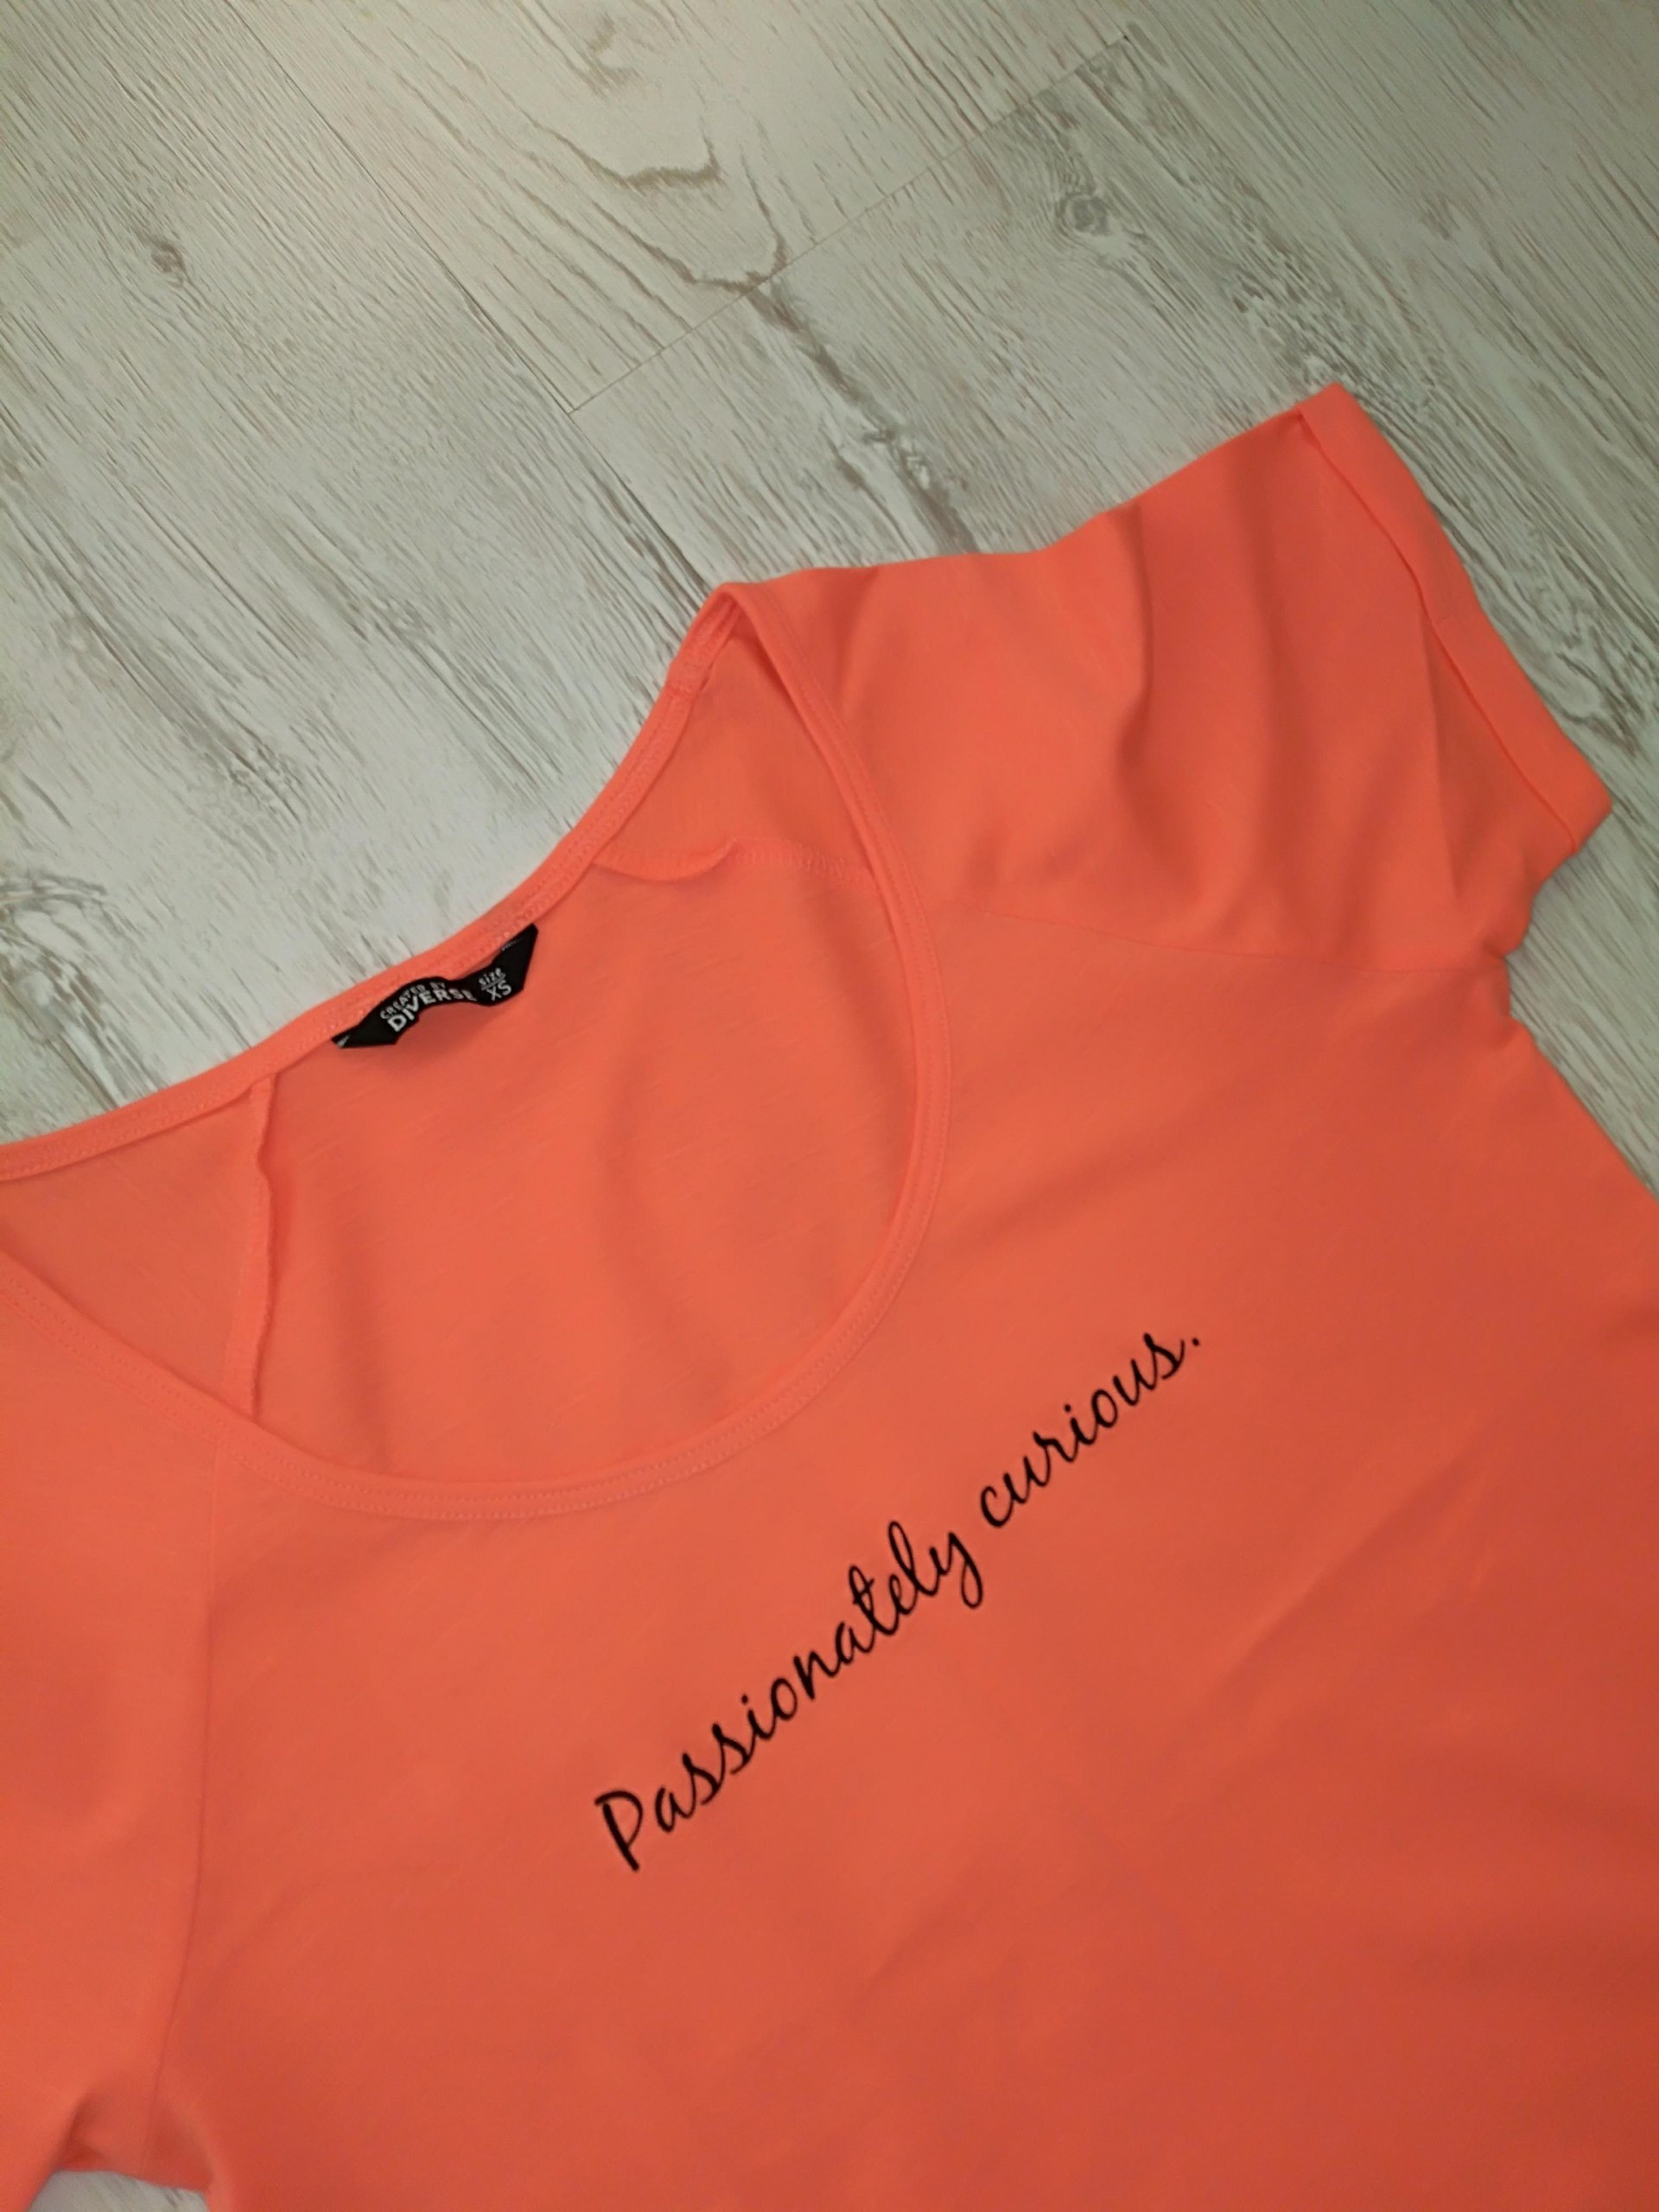 8d72785567a5a Diverse koszulka damska r-xs NOWA - 7353057410 - oficjalne archiwum ...